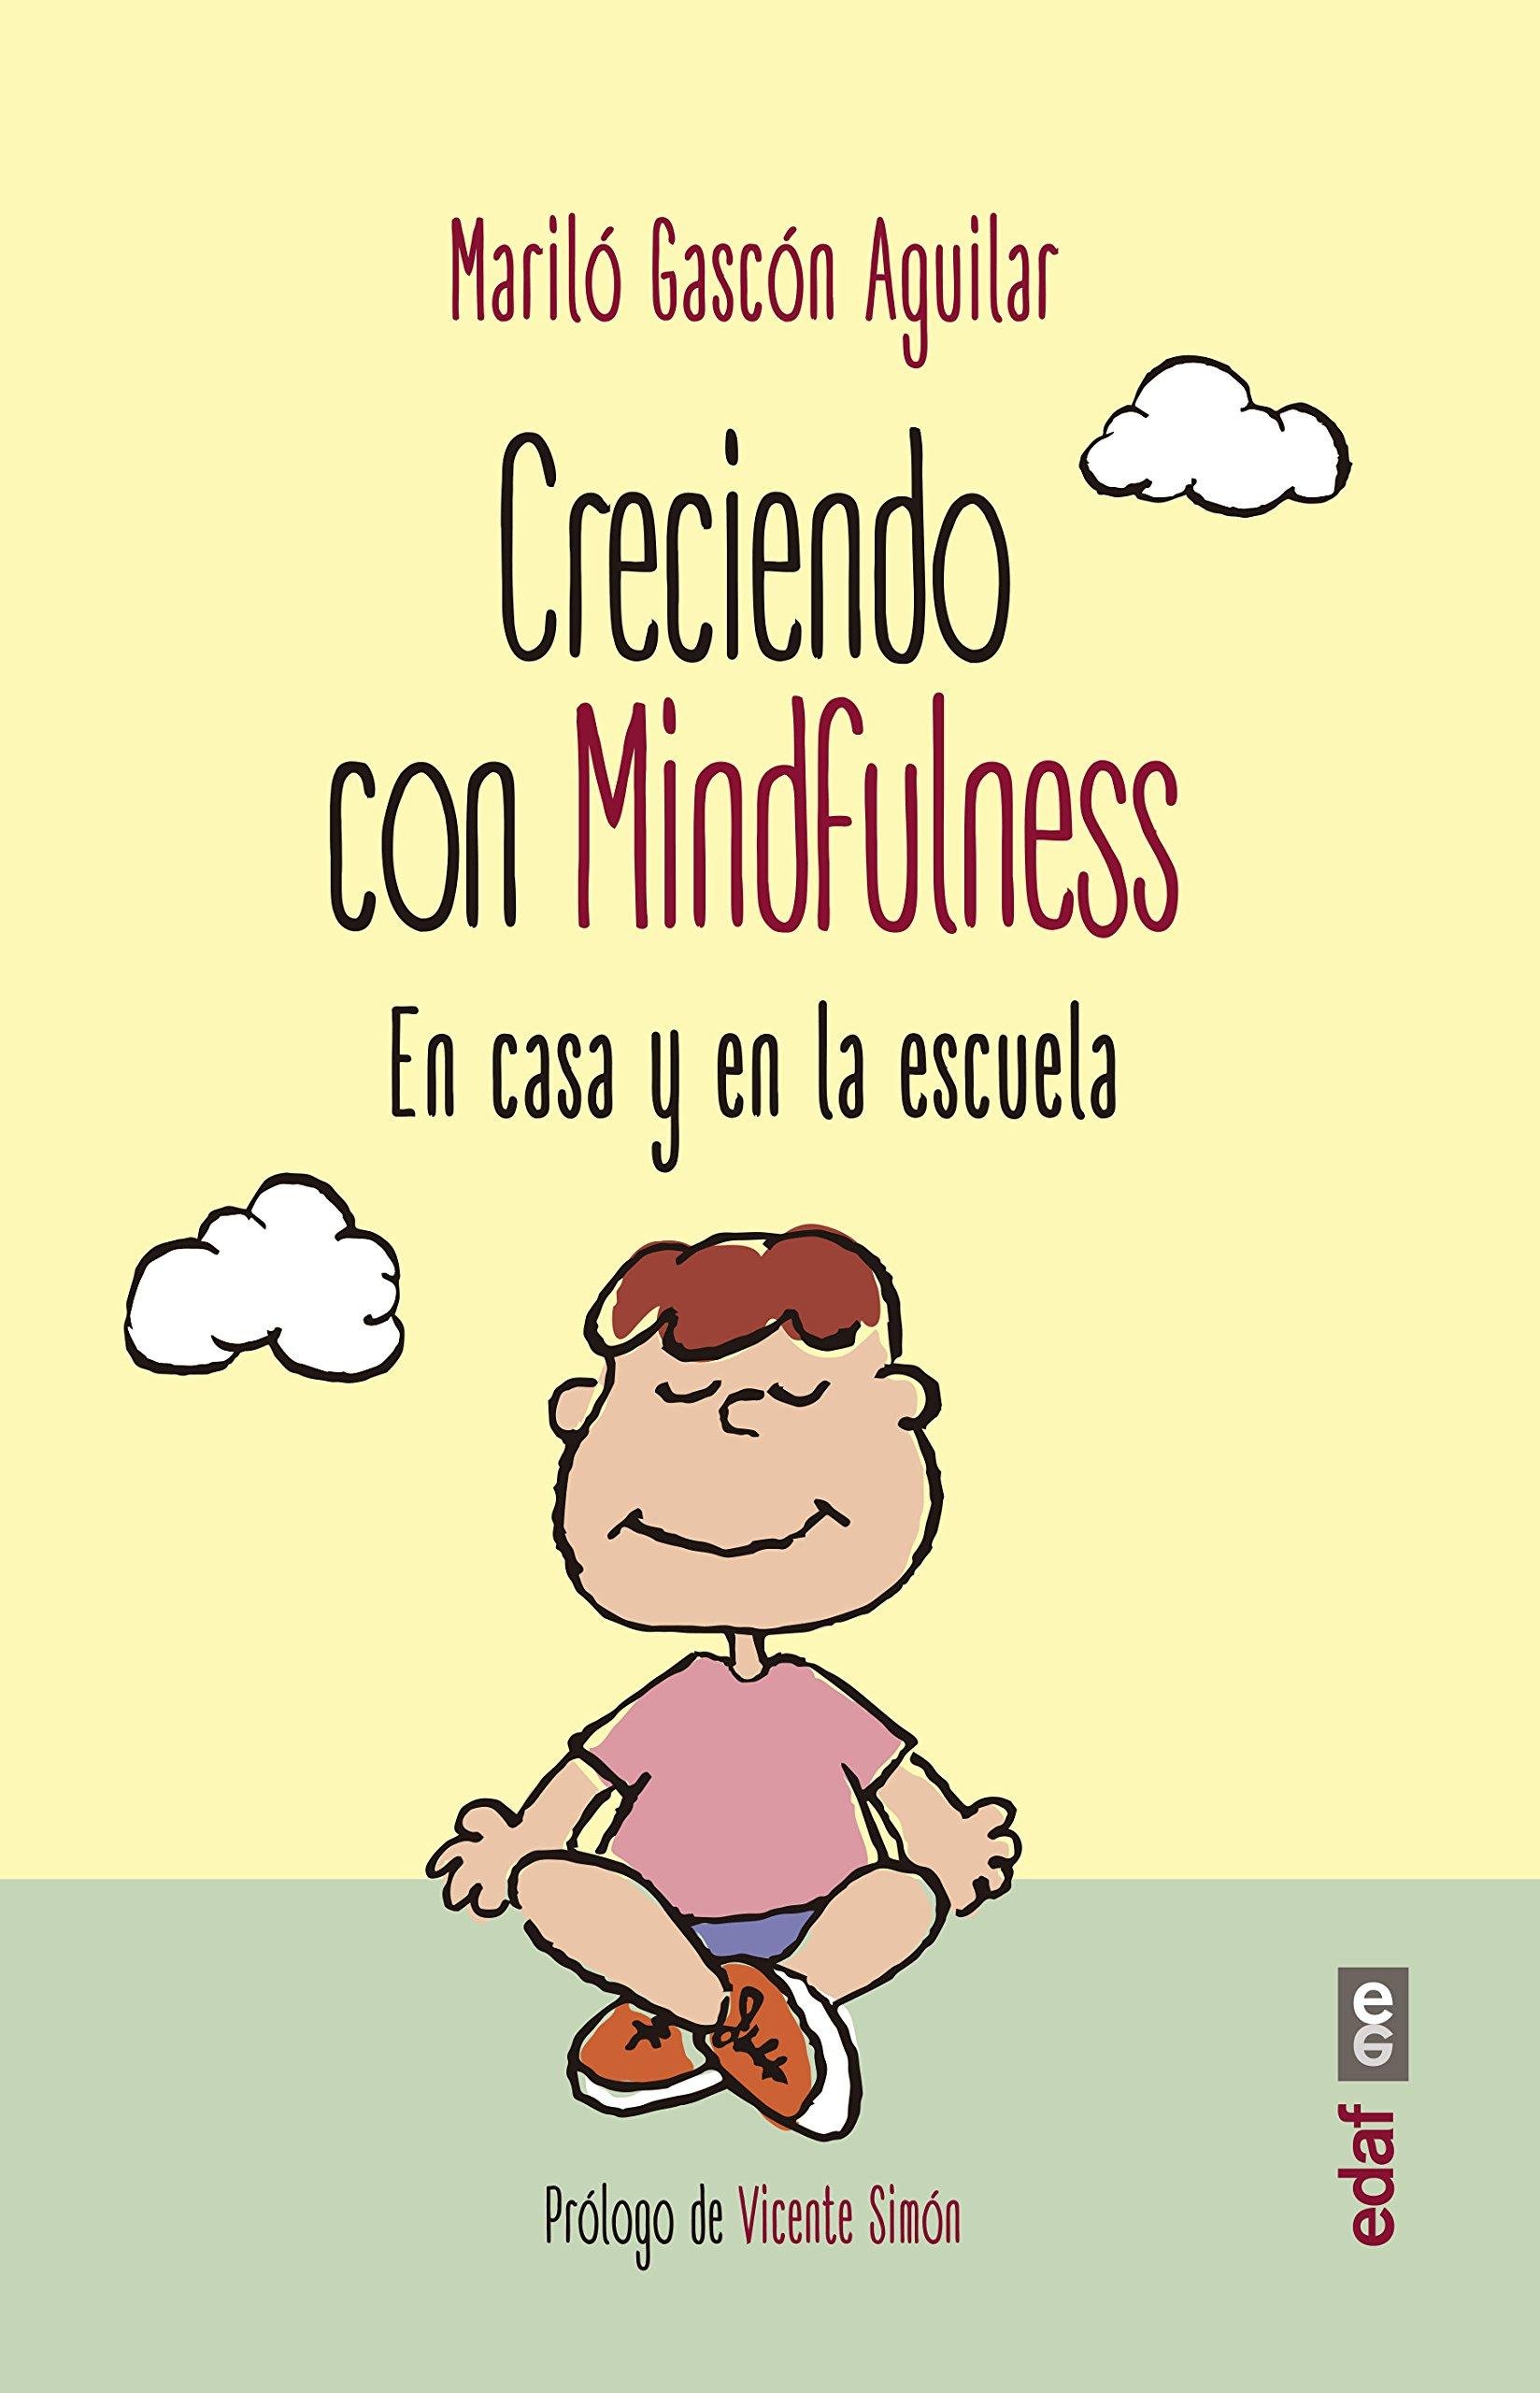 Creciendo con Mindfulness. En casa y en la escuela Psicología y Autoayuda:  Amazon.es: Mariló Gascón Aguilar: Libros